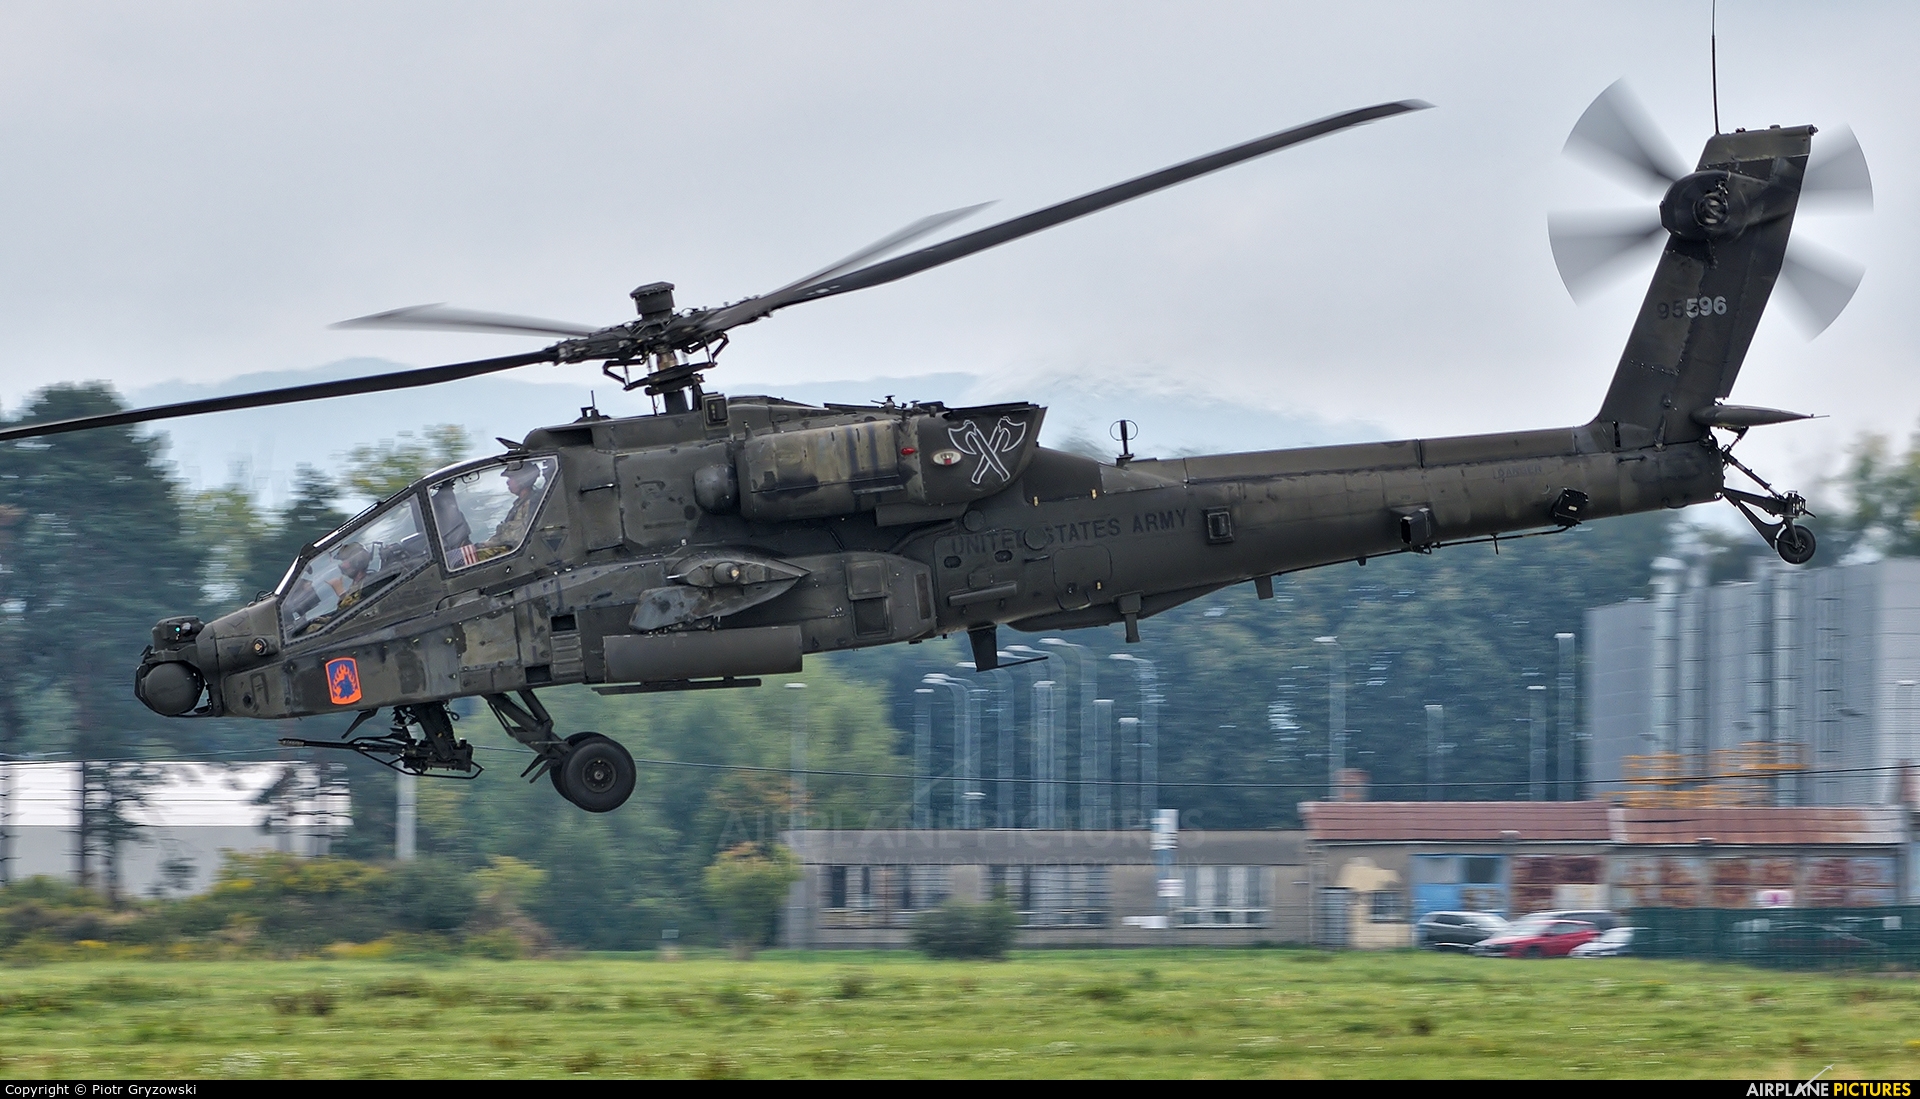 USA - Army 09-05596 aircraft at Ostrava Mošnov